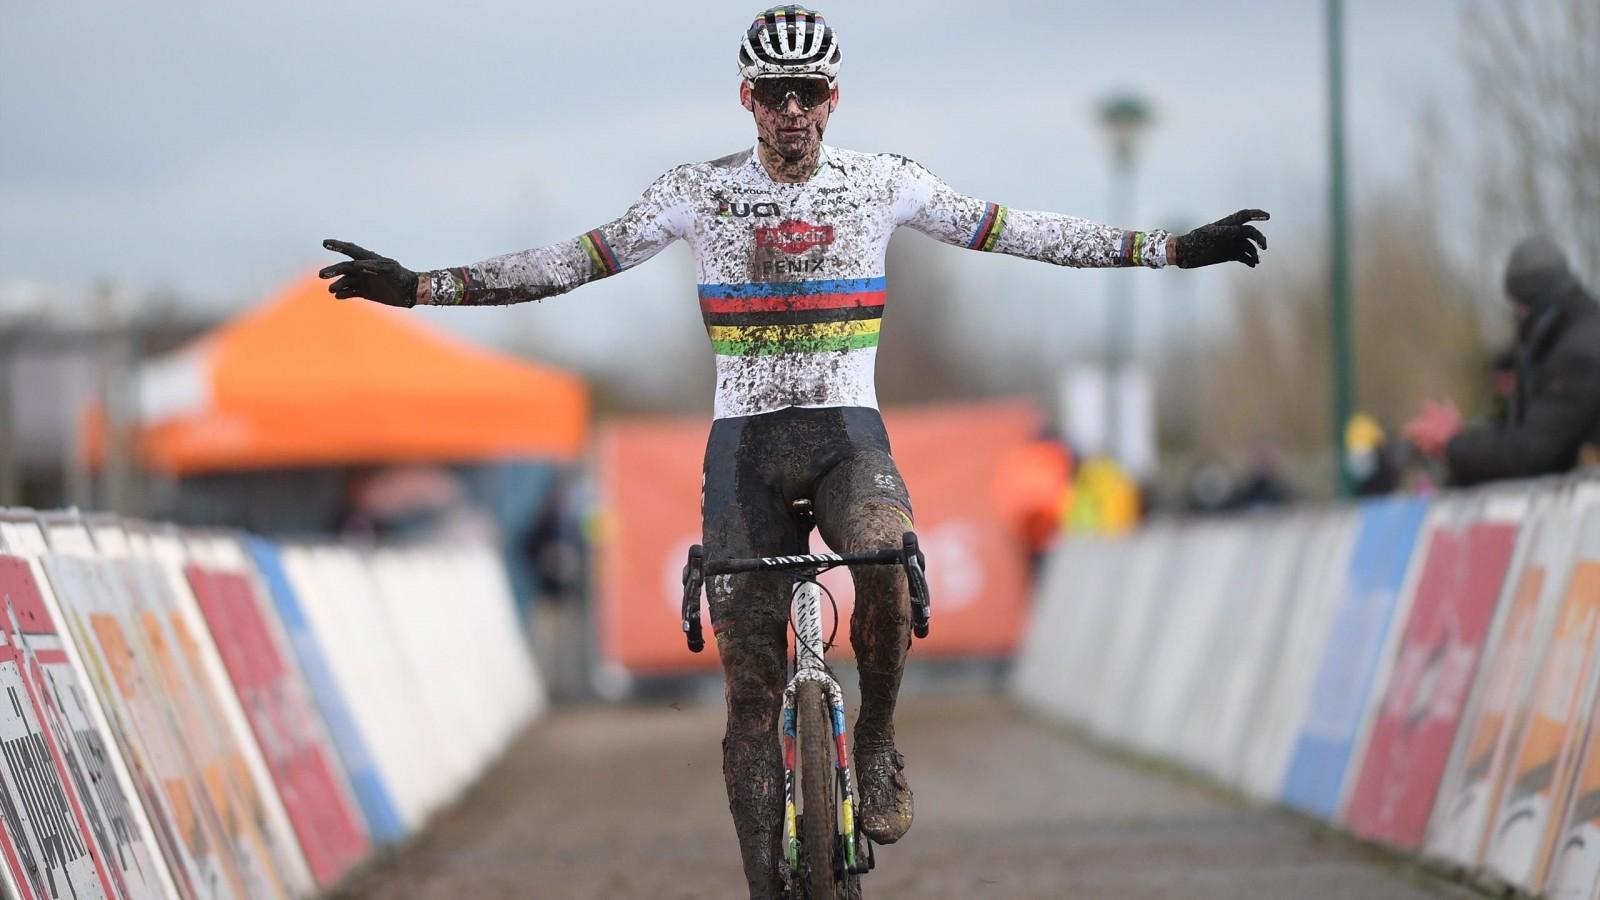 van-aert-van-der-poel-favorito-ciclocross/